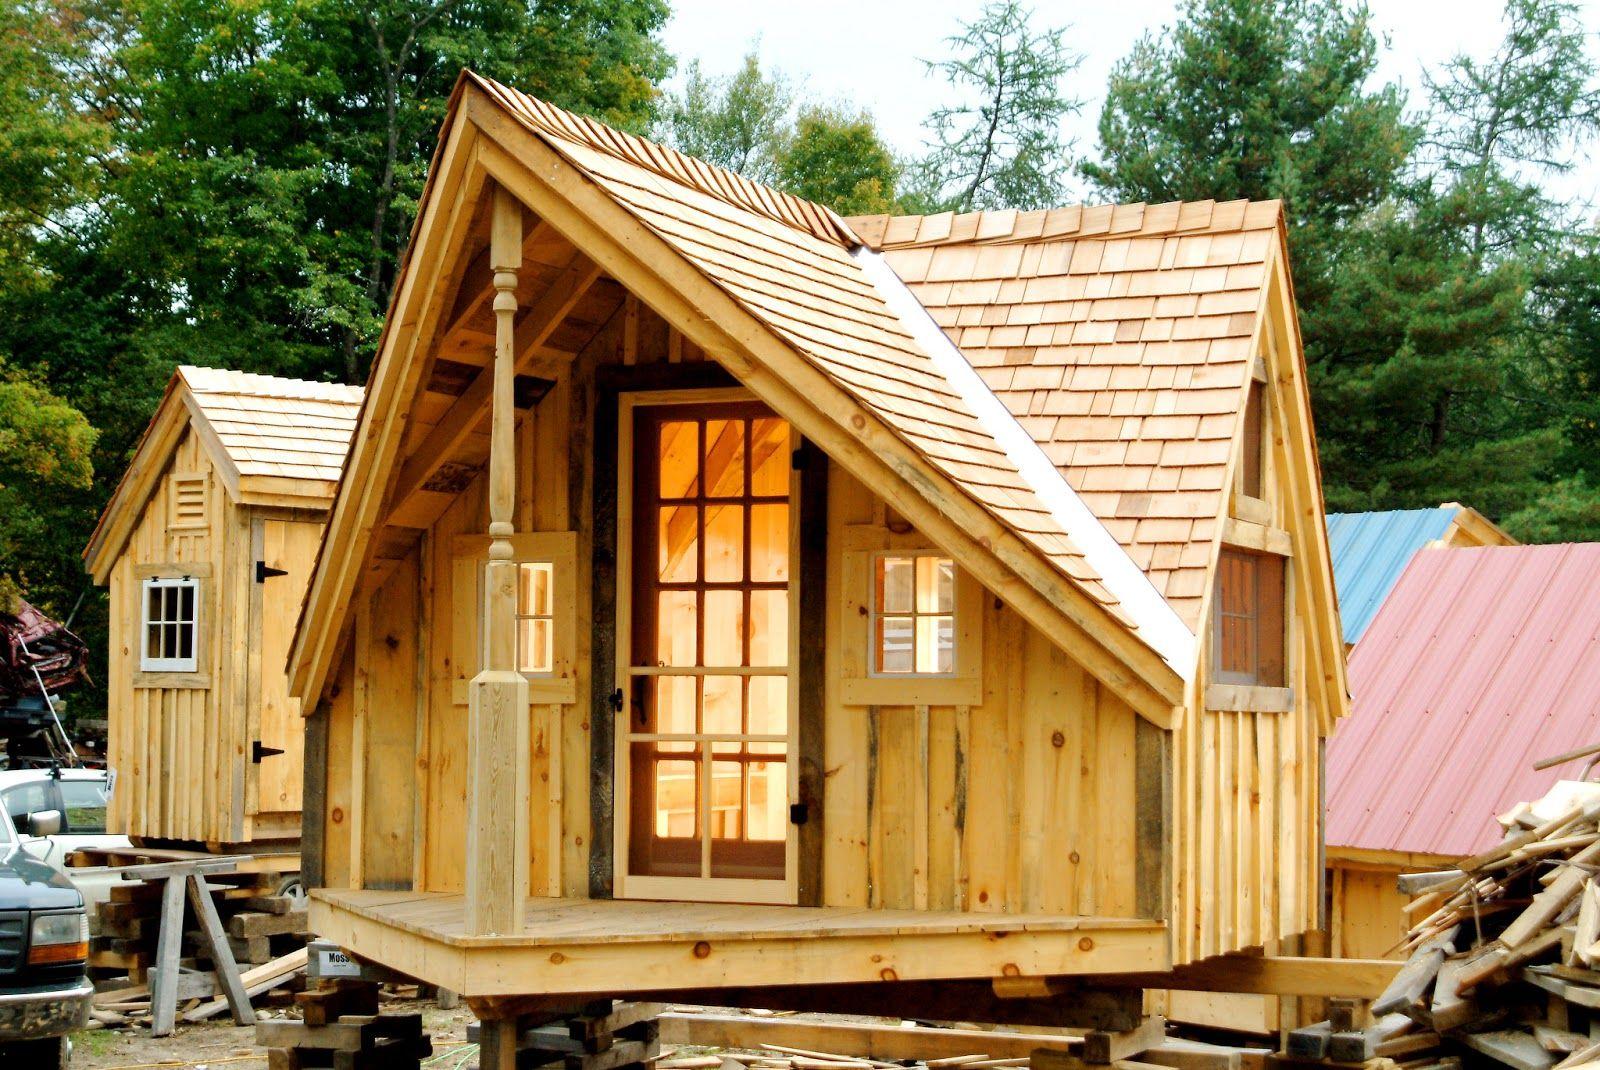 Tiny Home Designs Floor Plans Edepremcom - Tiny home designs plans